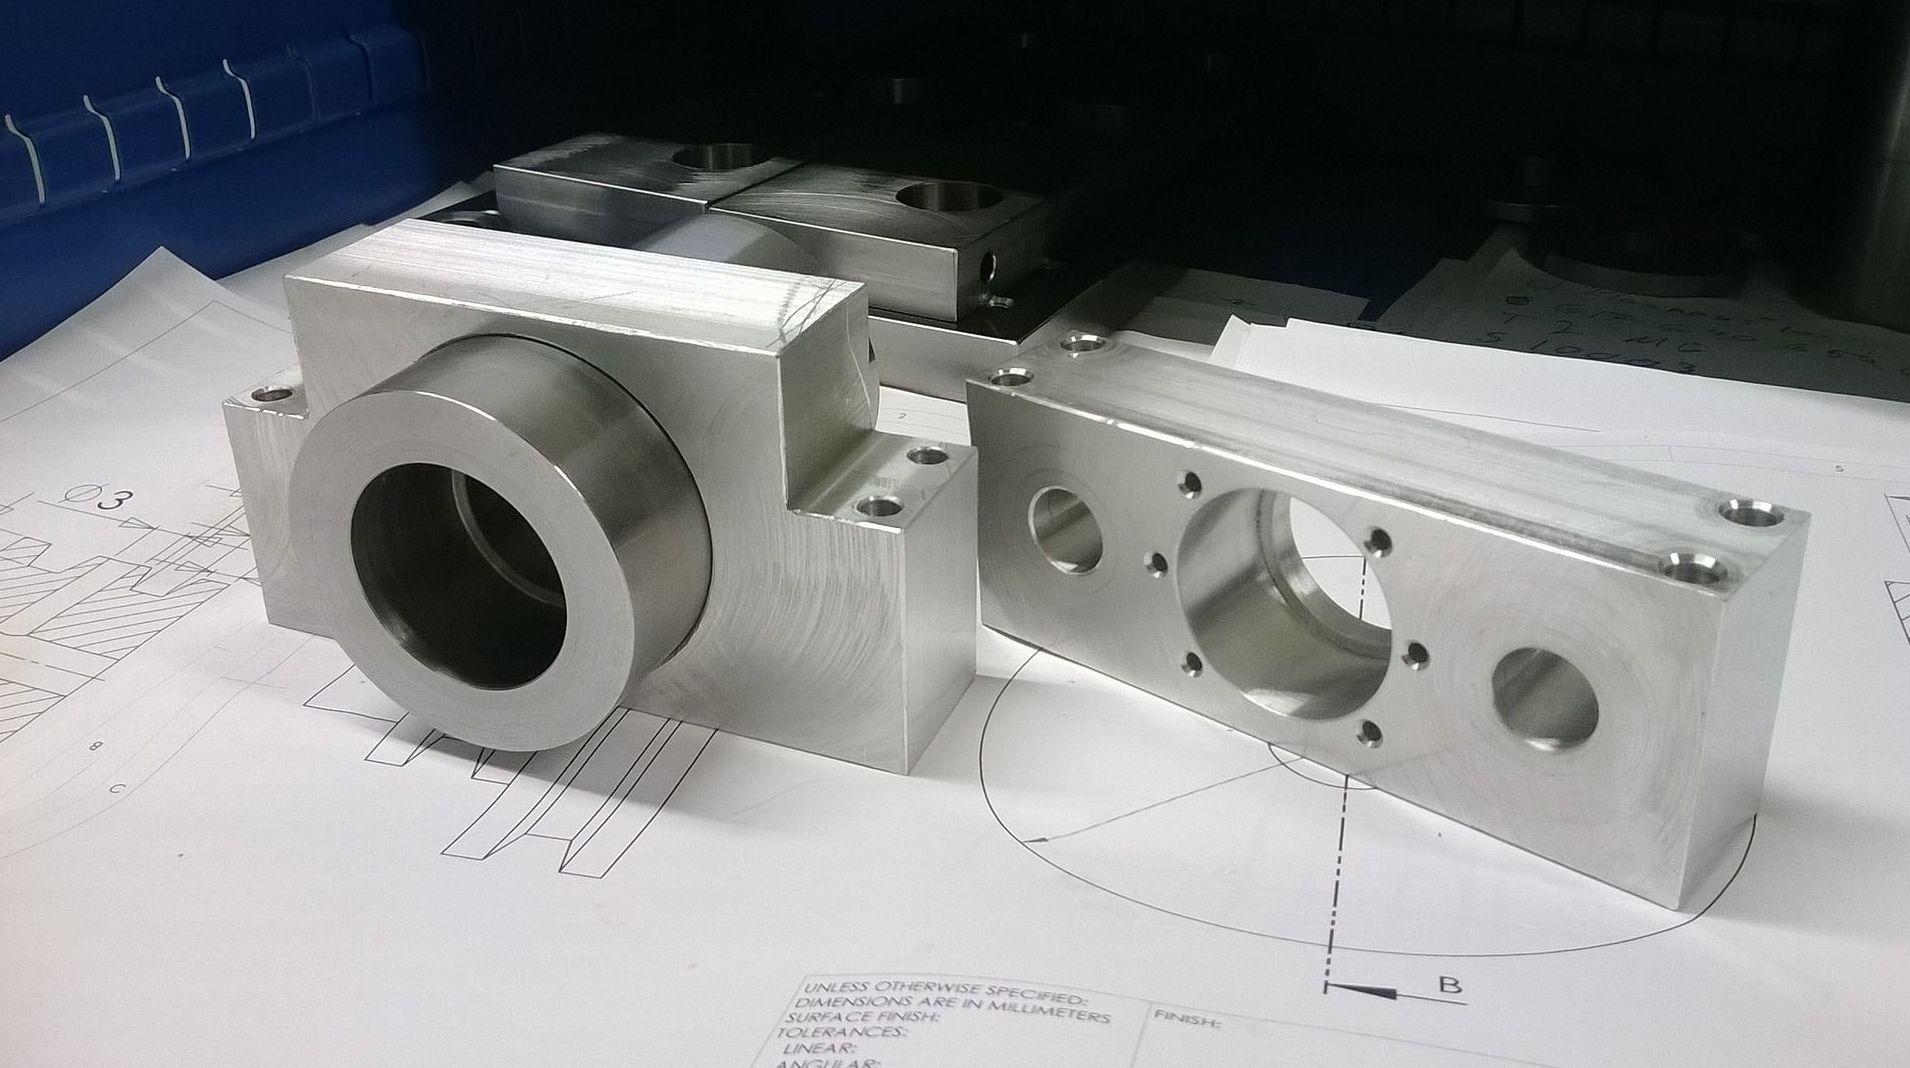 Mecanizados de precisión en Madrid